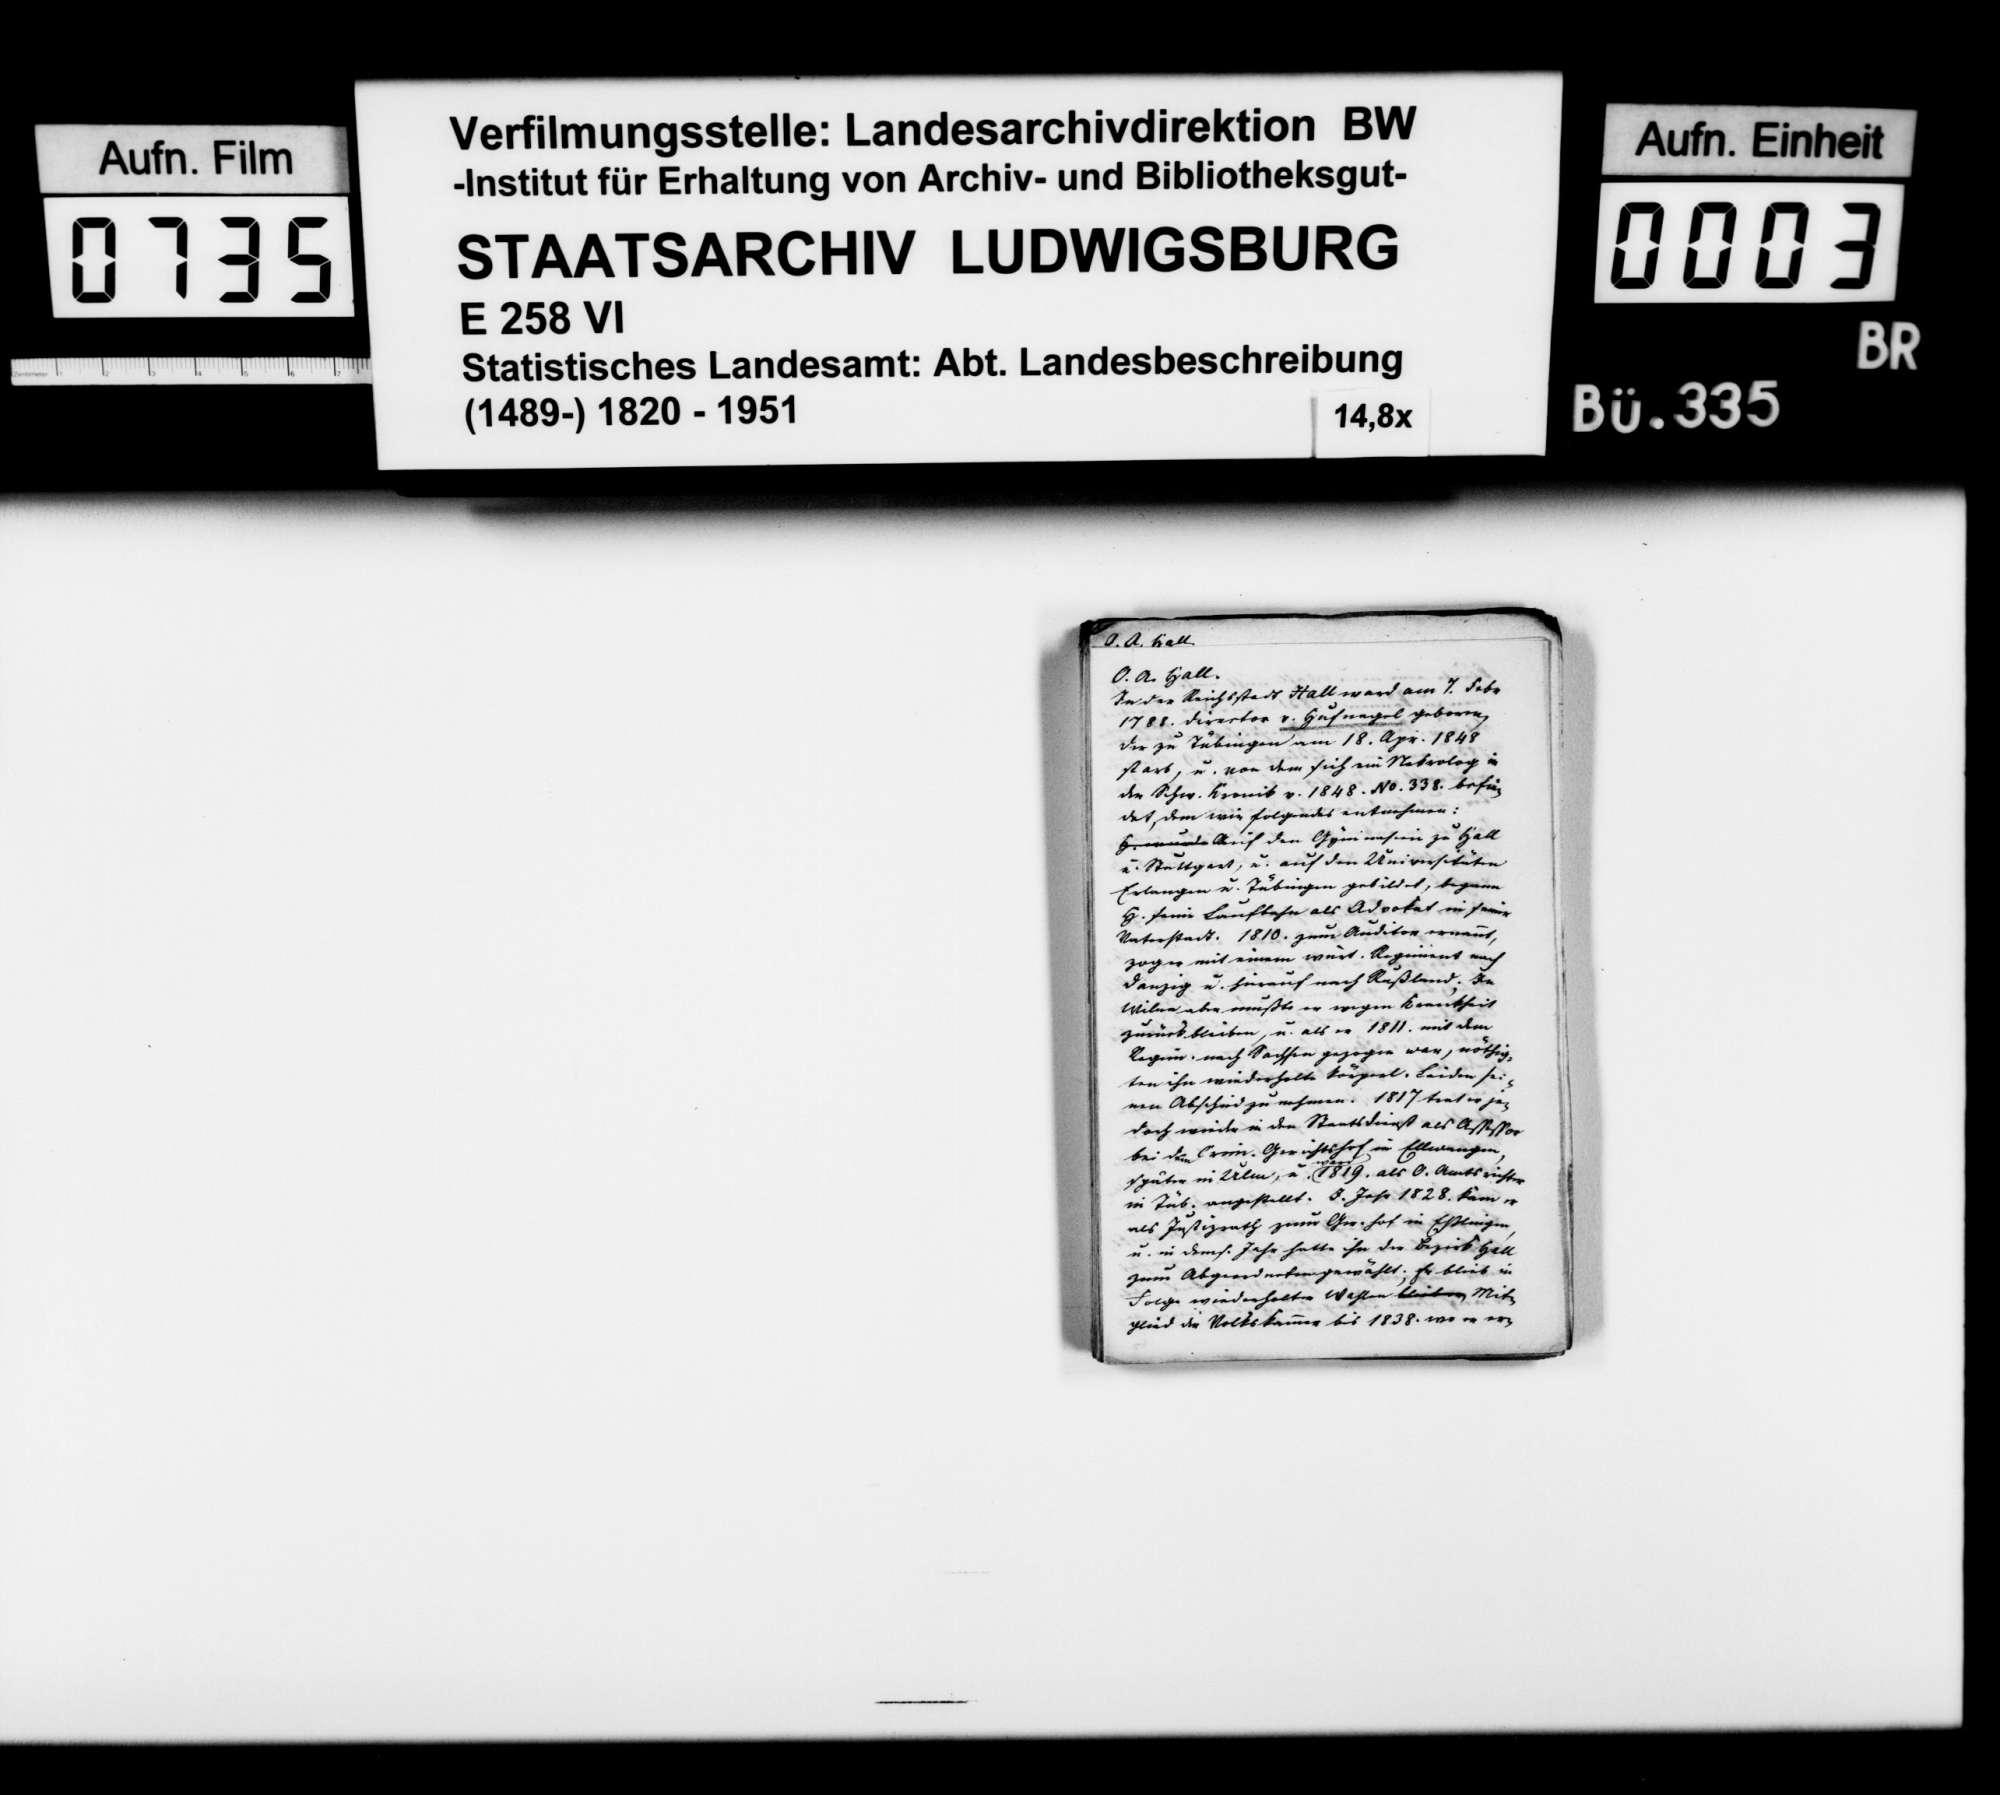 Notizen und Exzerpte [des Trigonometers Diezel in der Kanzlei des STBs] zur Beschreibung und Geschichte verschiedener Personen, Institutionen, Orte und Pfarrbezirke im Jagstkreis, Bild 2